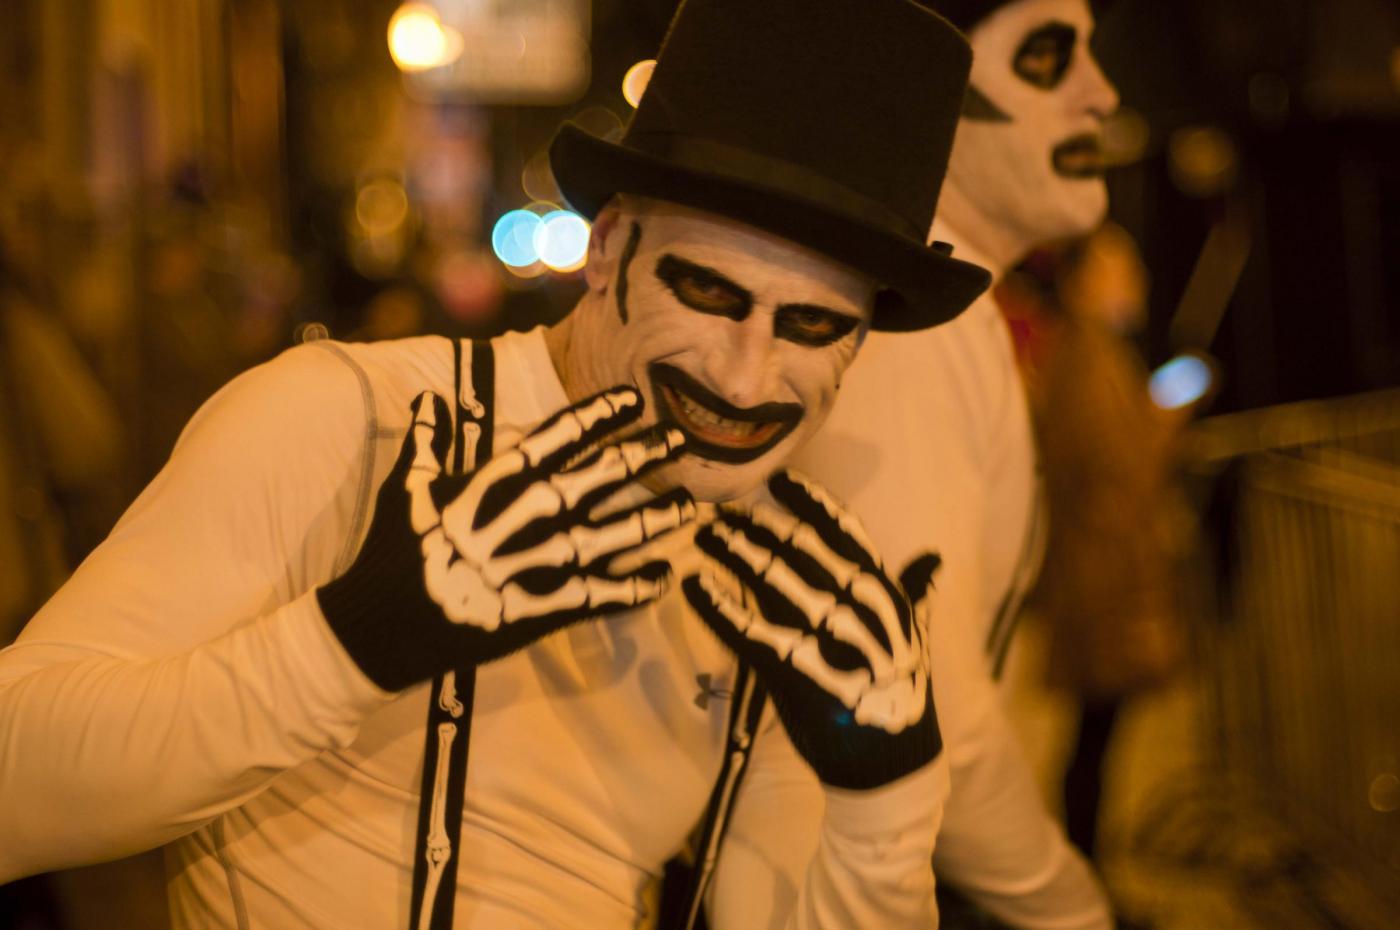 Costumi Halloween fai da te originali, fatti in casa, per bambini, adulti, coppie e animali